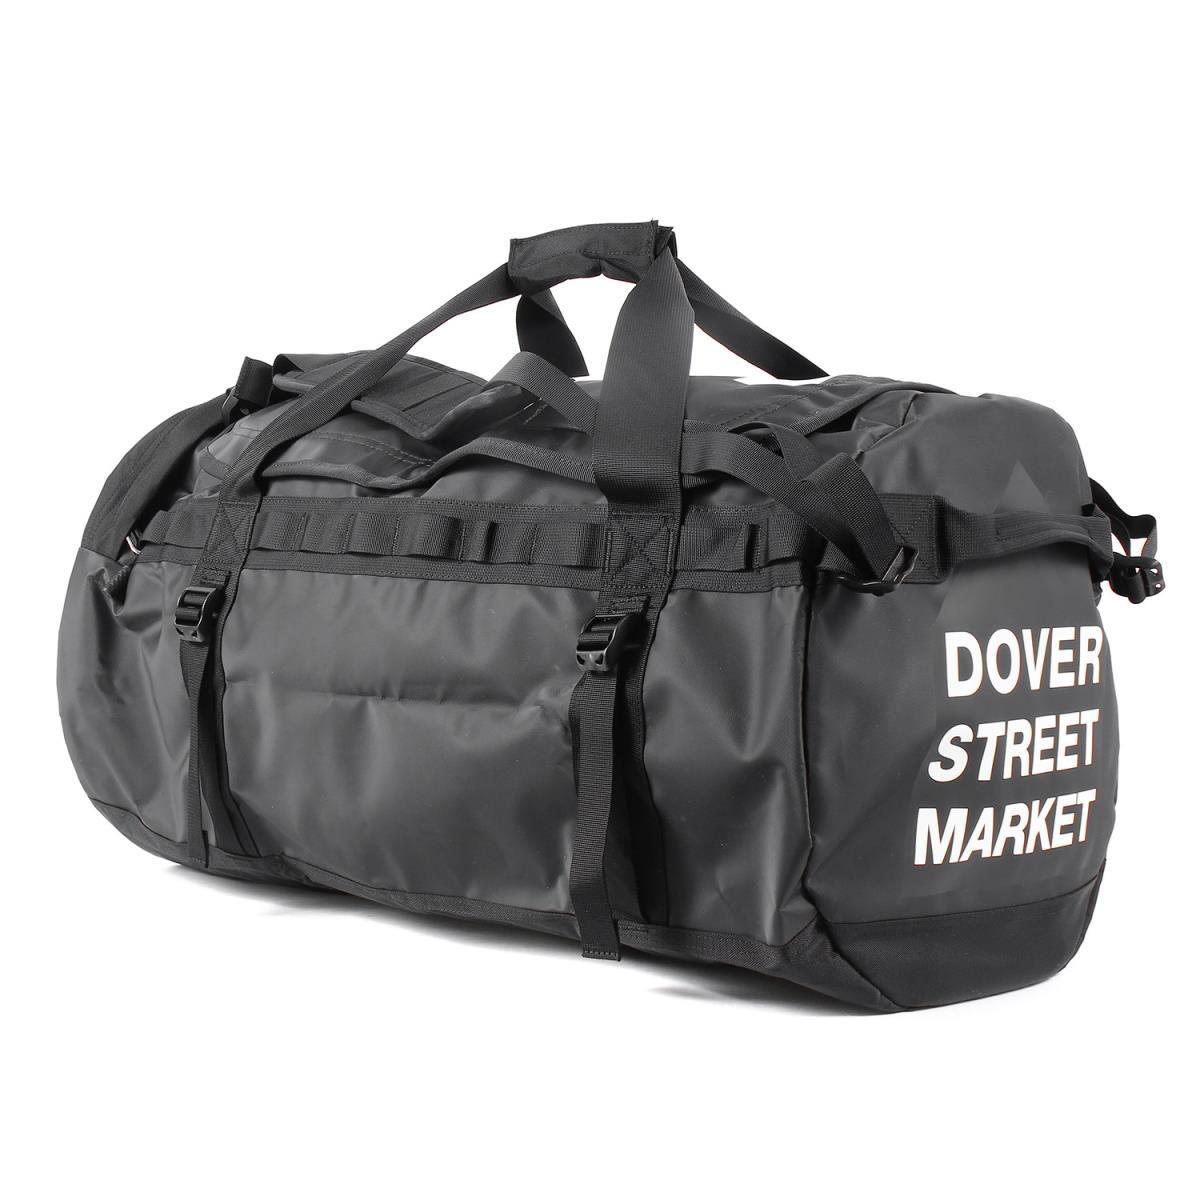 Dover Street Market ドーバー ストリート マーケット バッグ 19AW × THE NORTH FACE ベースキャンプダッフルバッグ1995 Base Camp Duffle ブラック L(95L) 【メンズ】【K2582】